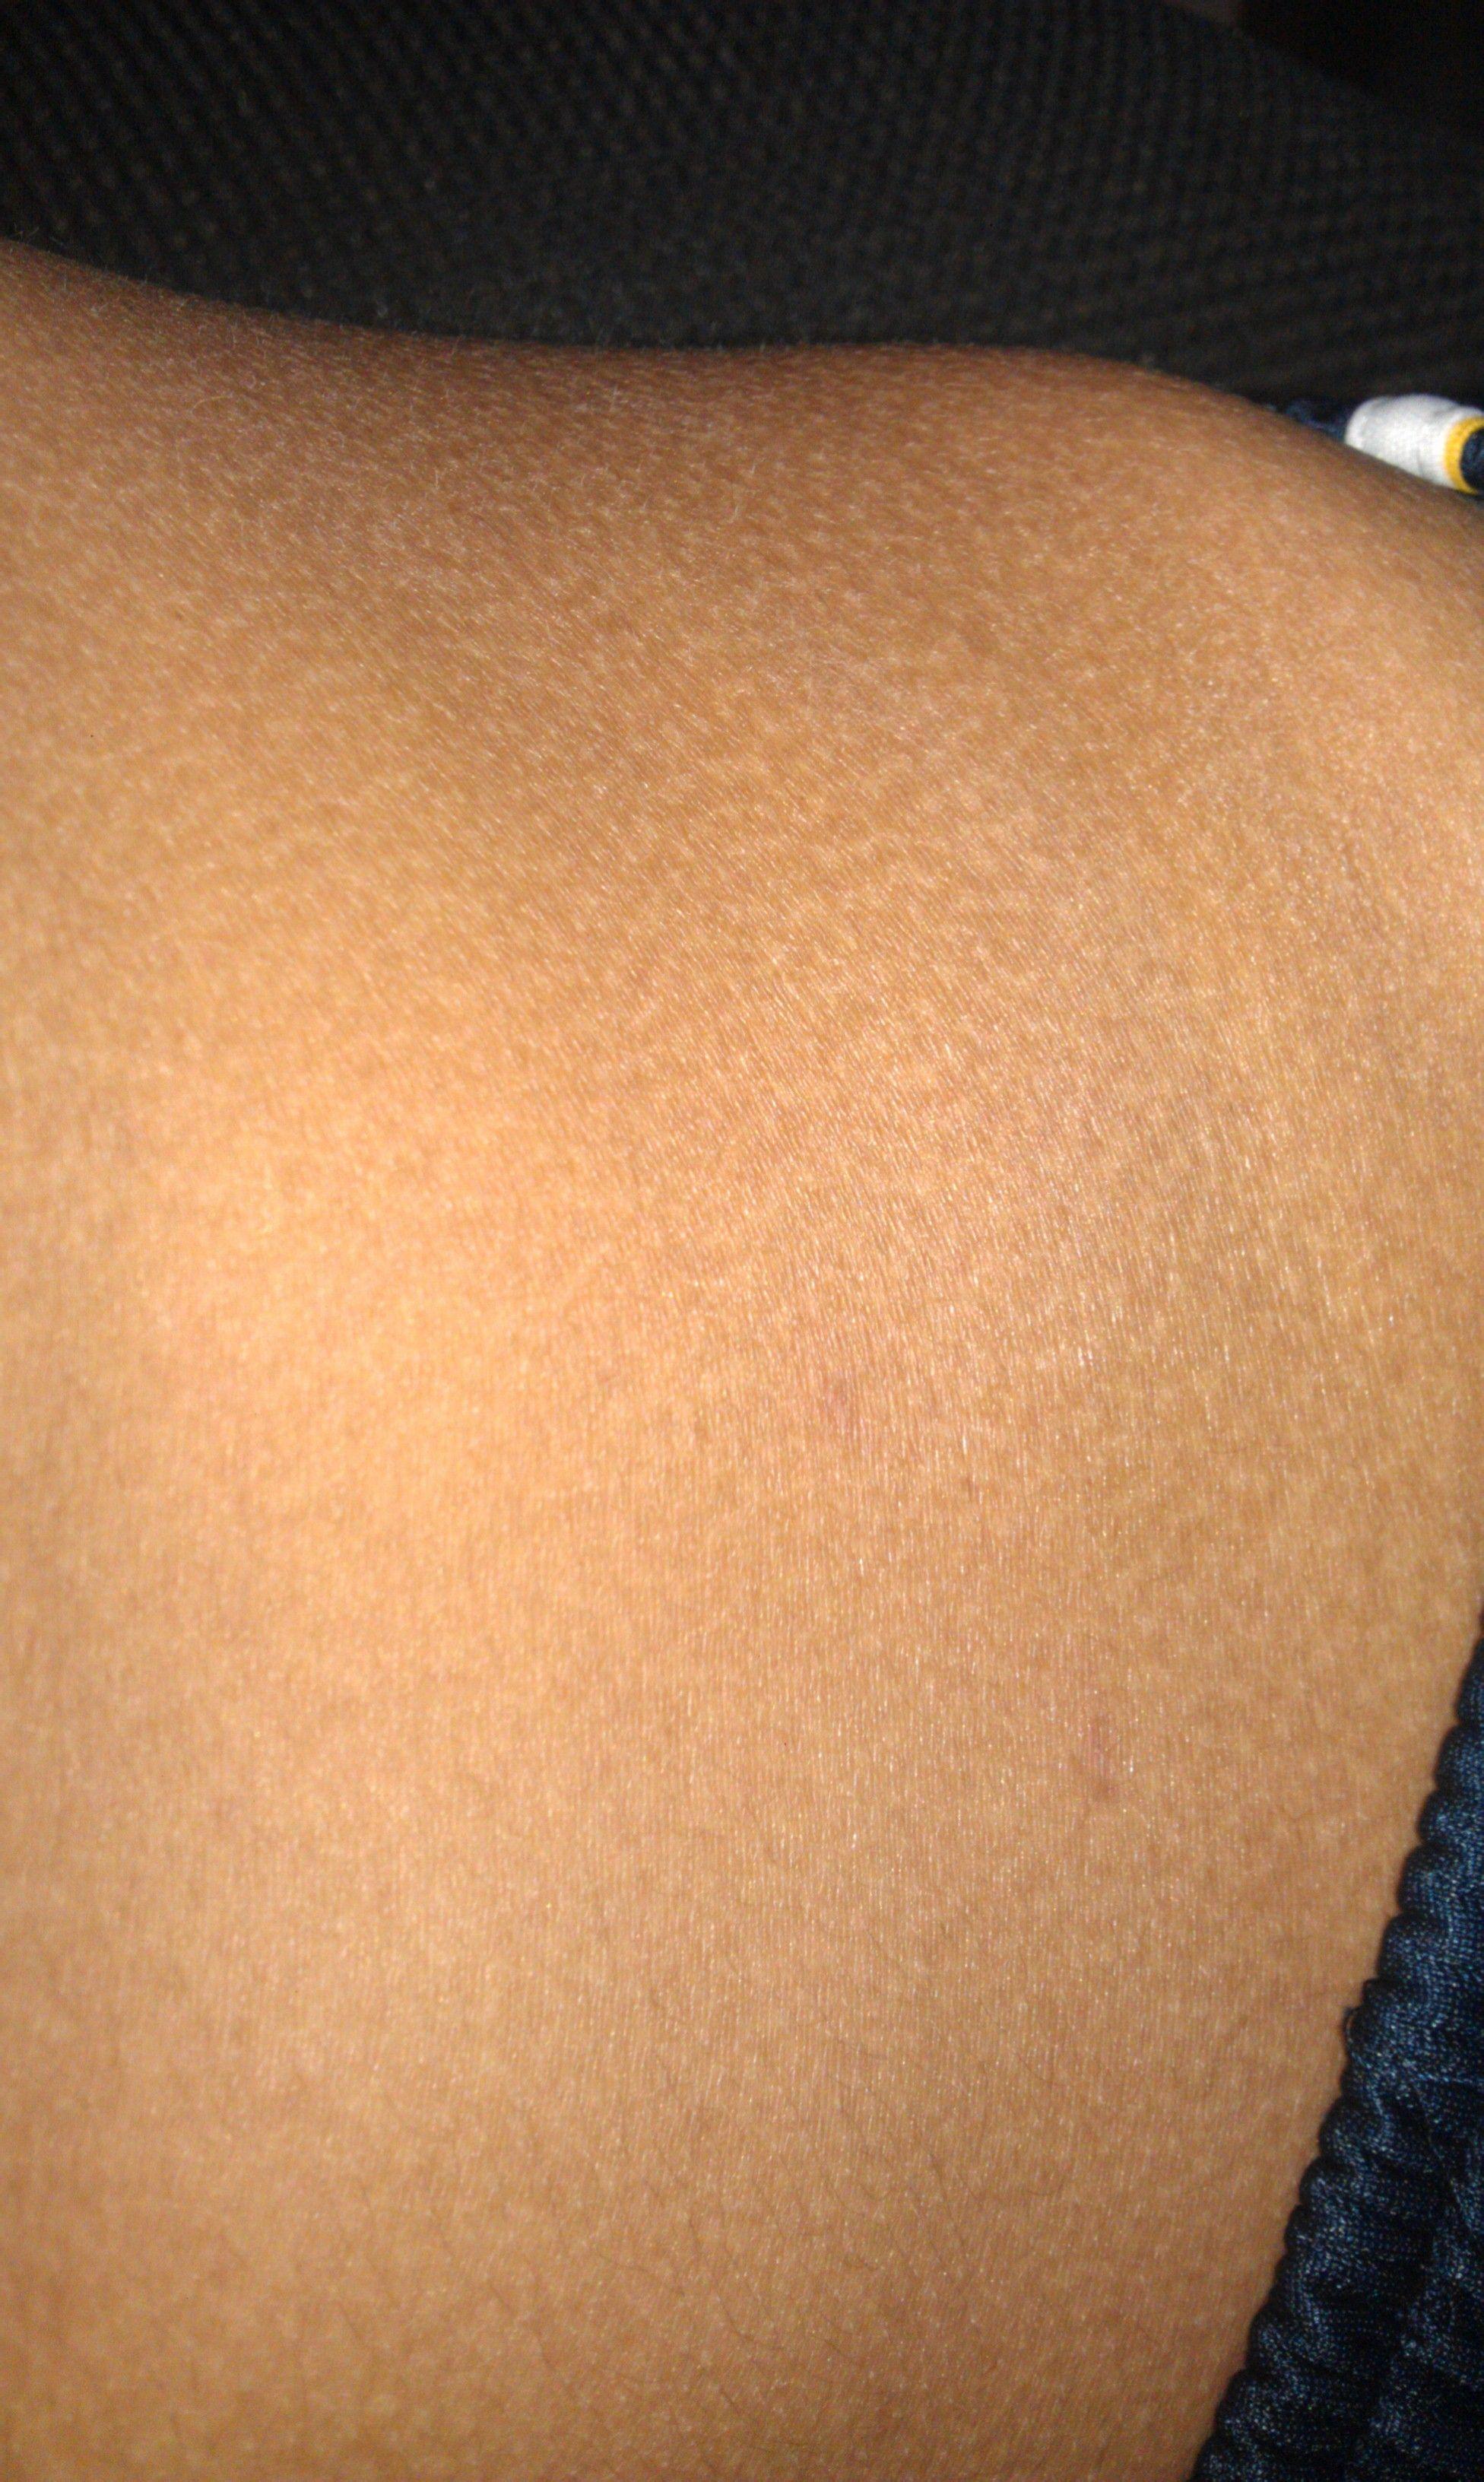 这是皮肤病吗?图片